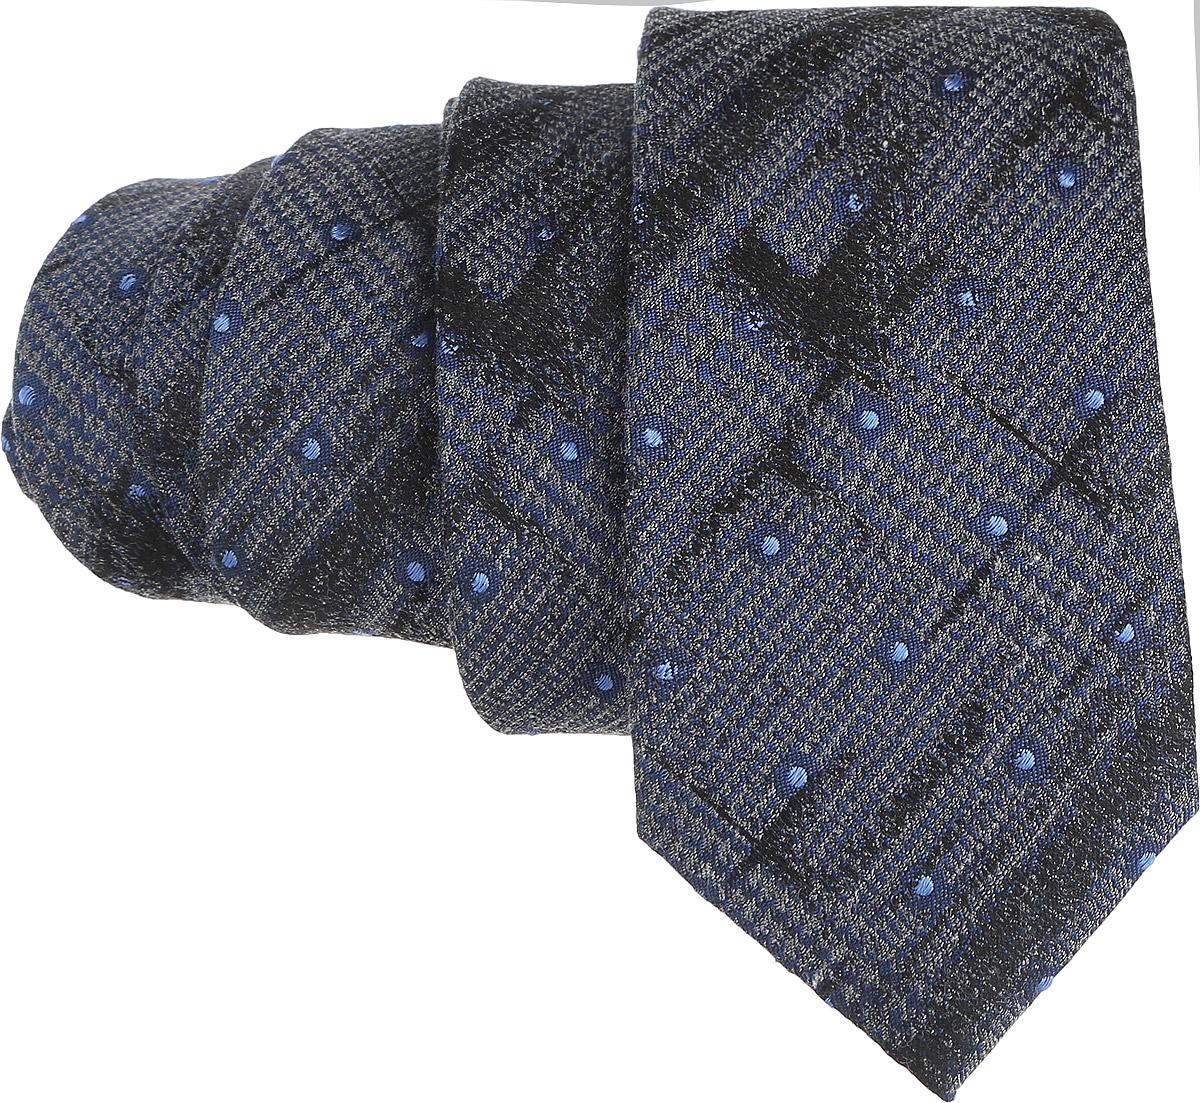 Галстук. 12.01547012.015470Стильный галстук BTC станет отличным завершающим штрихом вашего образа. Этот модный аксессуар порадует вас высоким качеством исполнения и современным дизайном. Изделие полностью выполнено из качественного шелка. Галстук оформлен оригинальным принтом. Такой оригинальный галстук подойдет как к повседневному, так и к официальному наряду, он позволит вам подчеркнуть свою индивидуальность и создать свой неповторимый стиль.